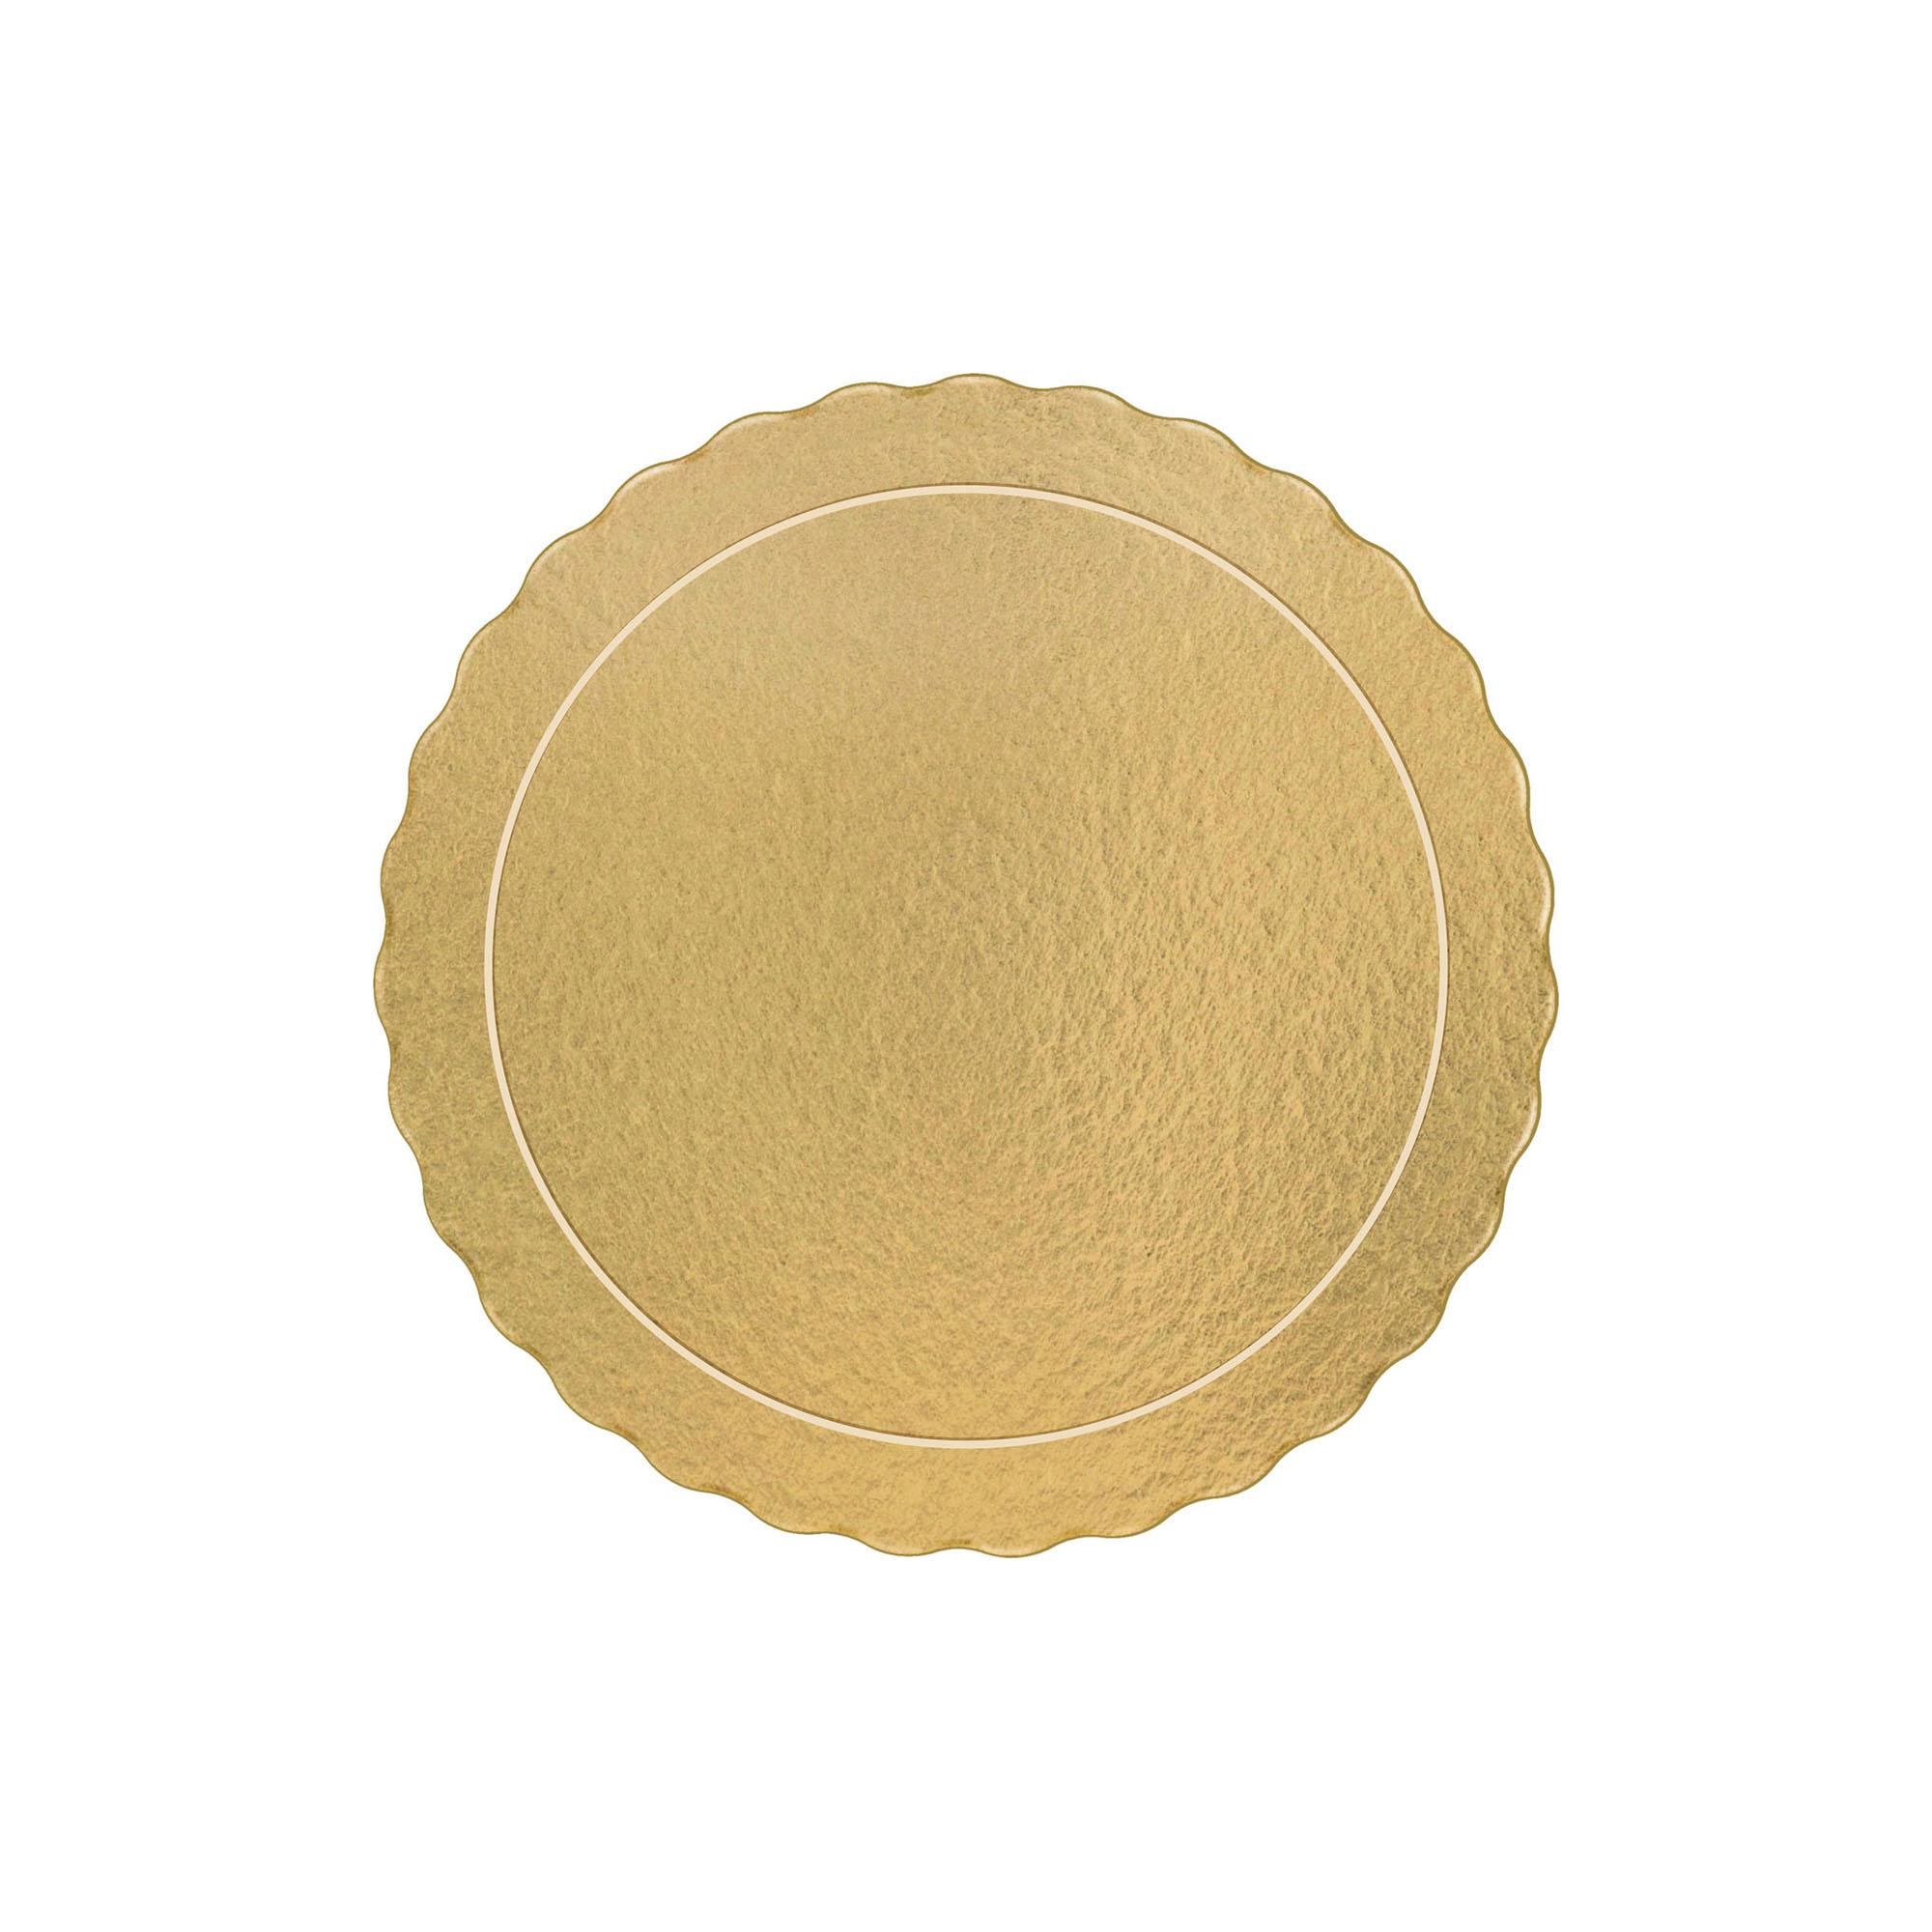 50 Bases Laminadas Para Bolo Redondo, Cake Board 35cm - Ouro